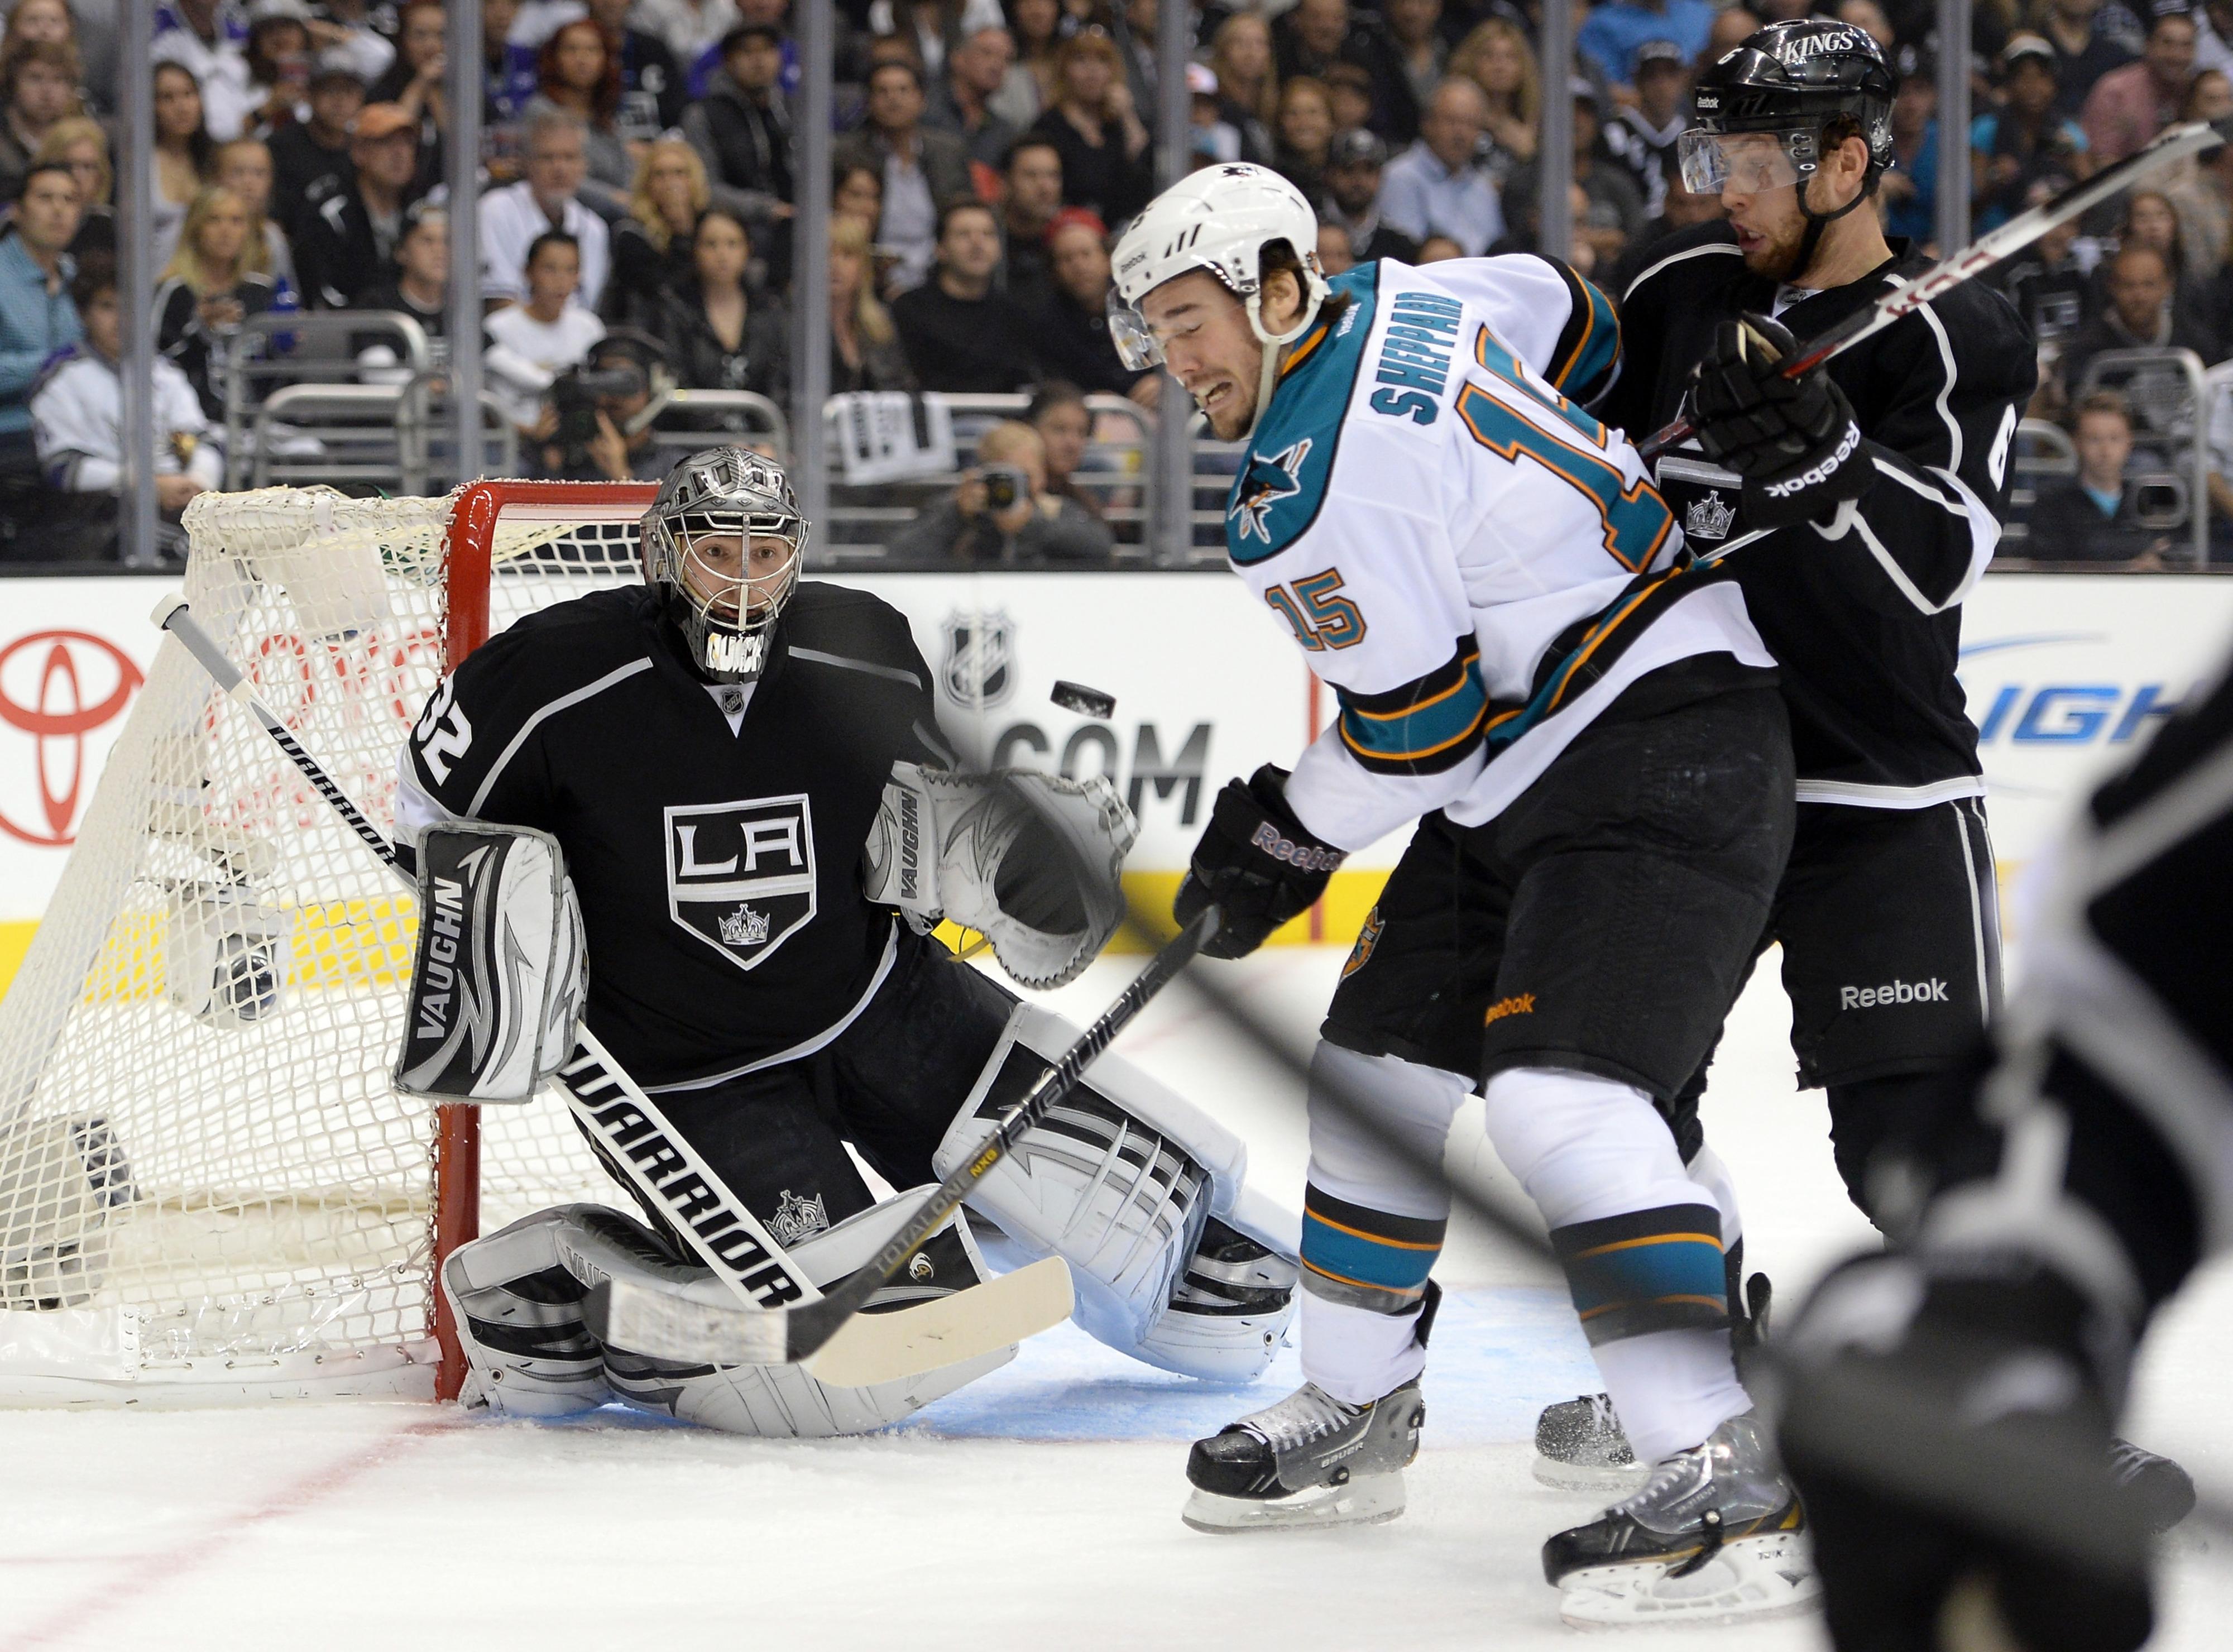 Sharks vs. Kings Game 5 recap: San Jose can't beat Quick